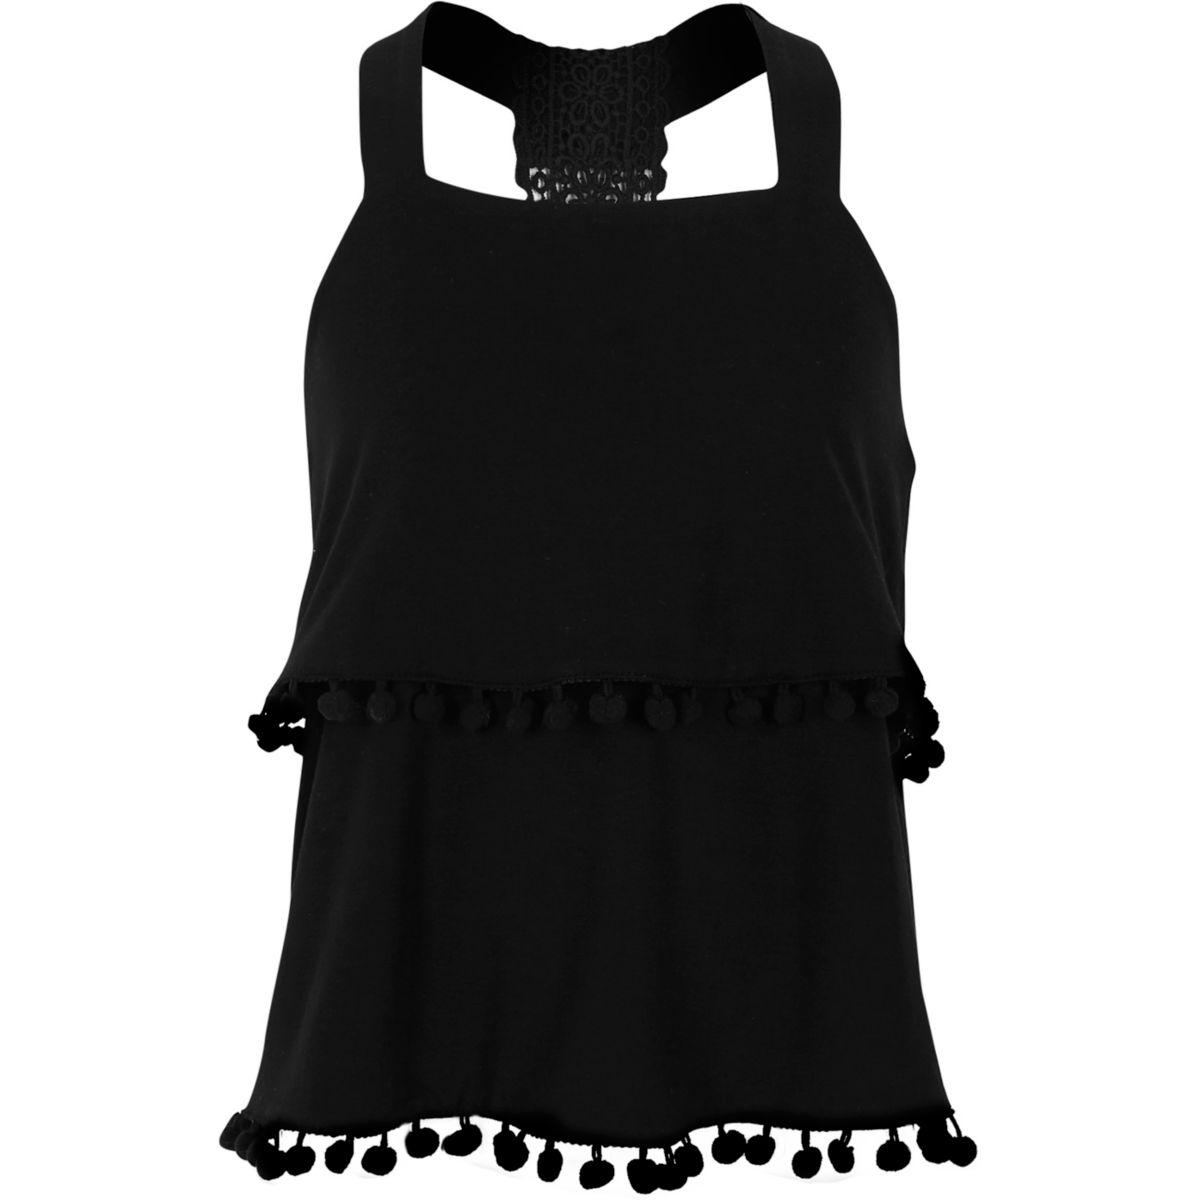 Schwarzes Camisole im Lagenlook